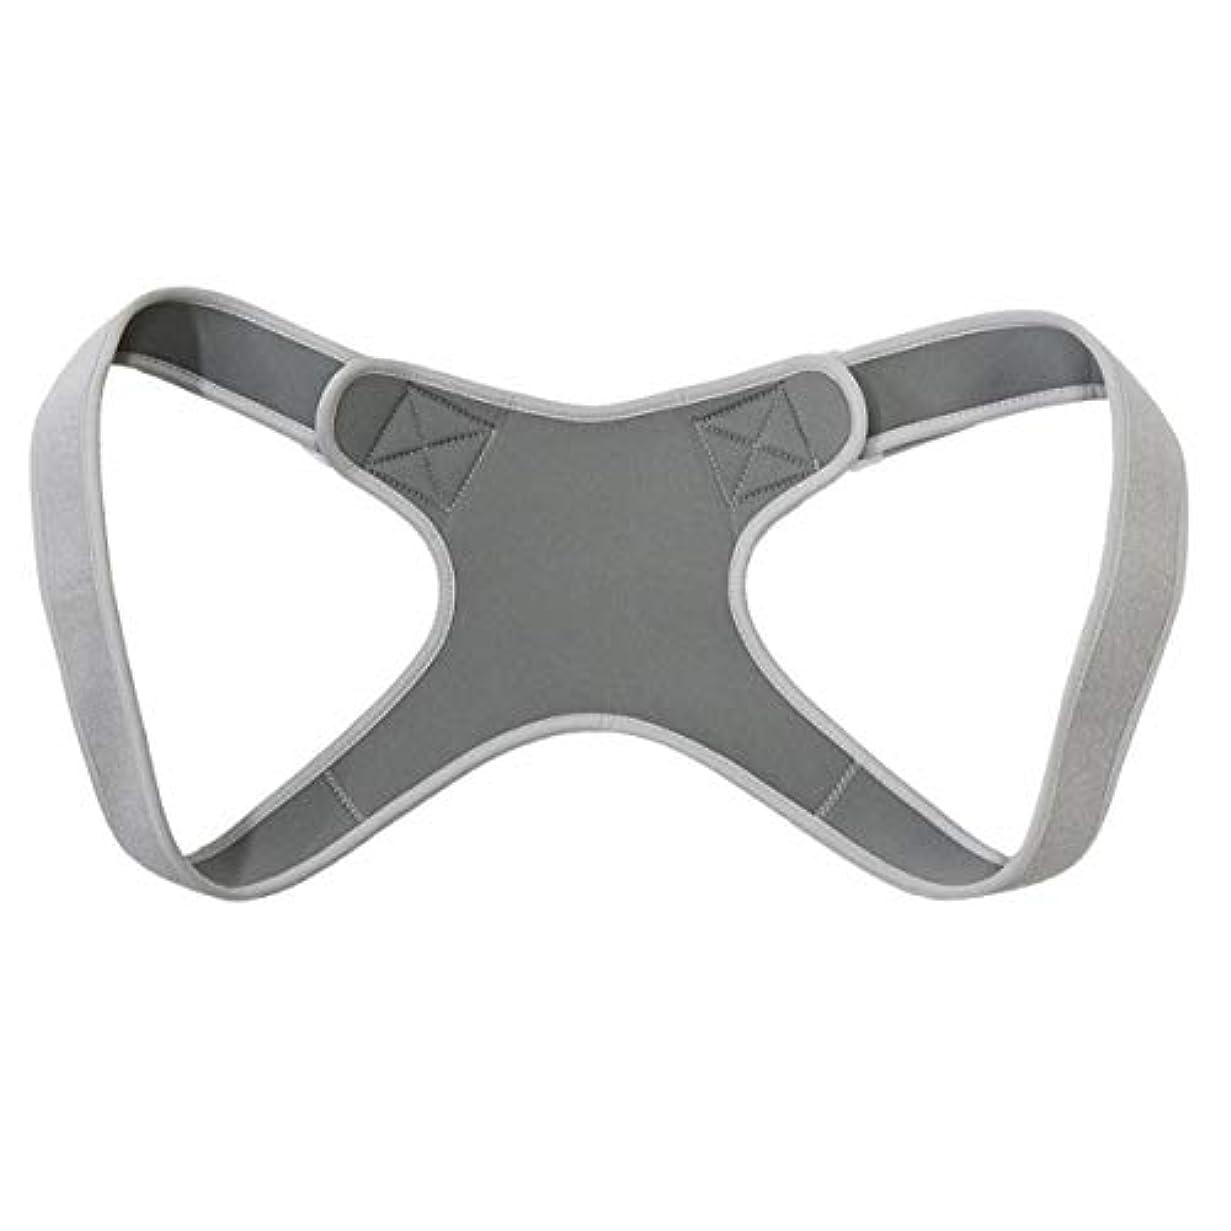 歩き回るお父さん内なる新しいアッパーバックポスチャーコレクター姿勢鎖骨サポートコレクターバックストレートショルダーブレースストラップコレクター - グレー